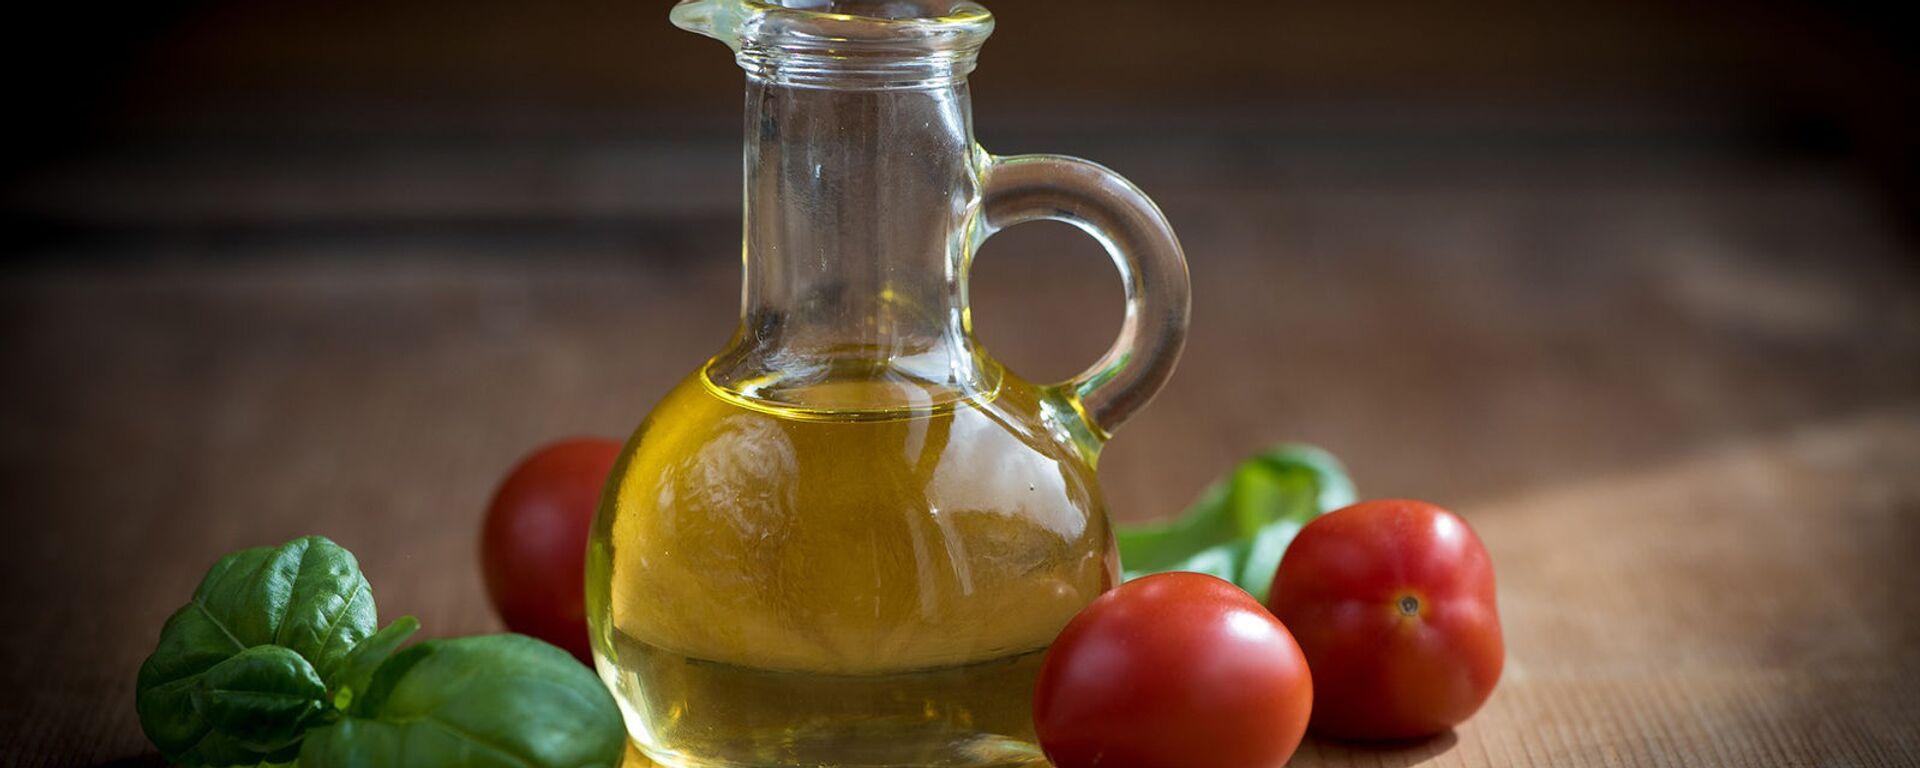 Оливковое масло в стеклянном кувшине - Sputnik Армения, 1920, 25.08.2021